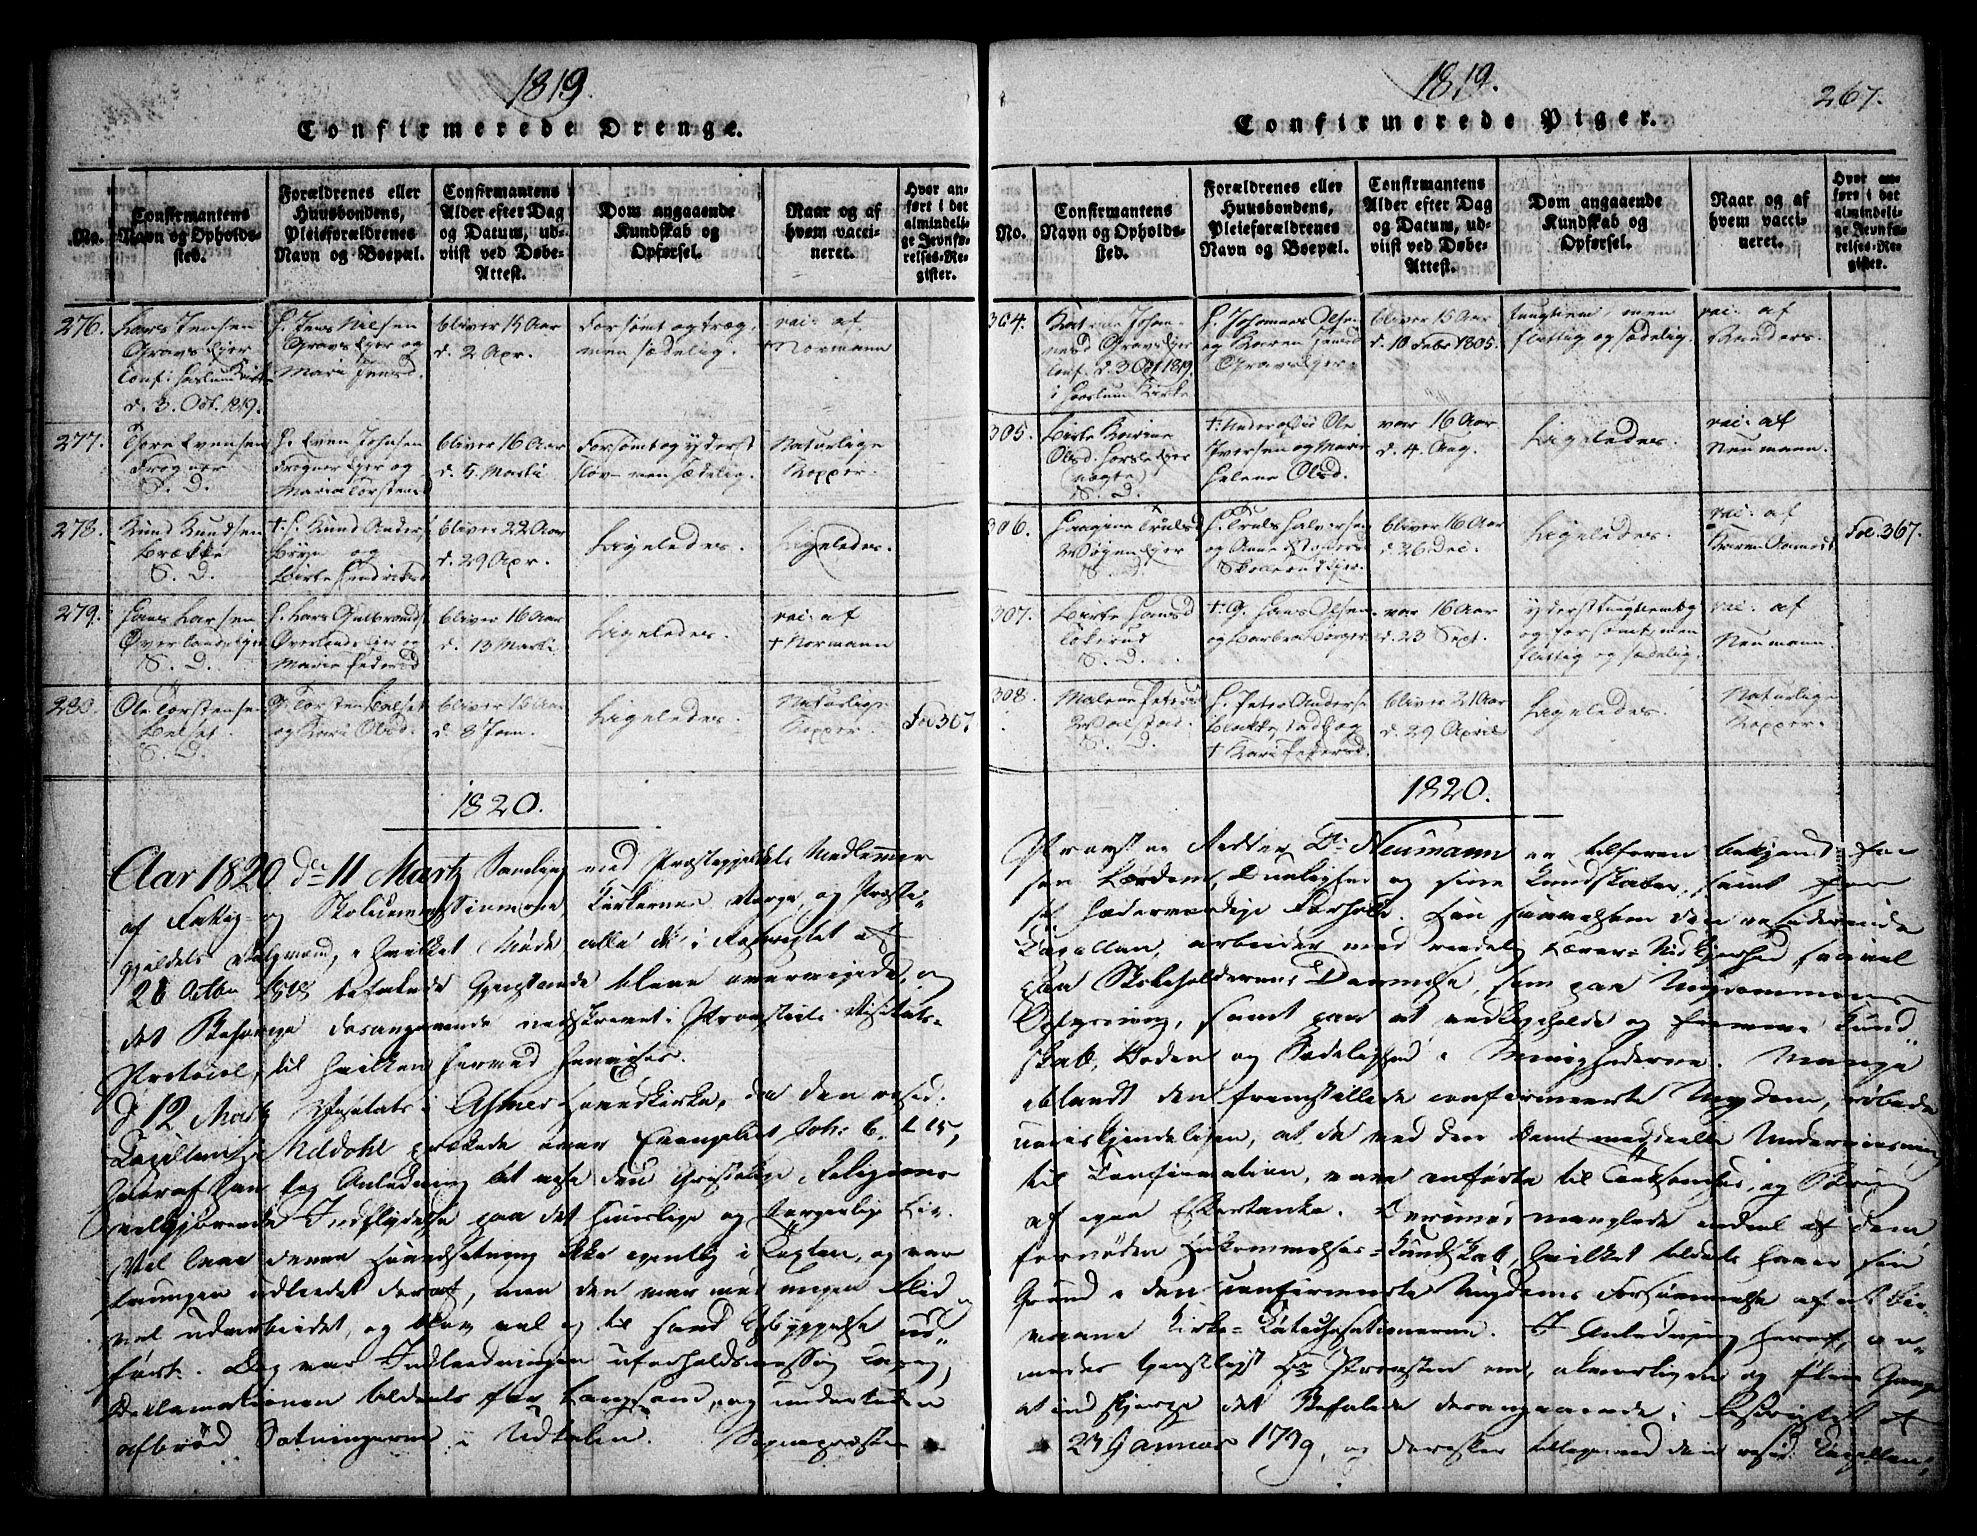 SAO, Asker prestekontor Kirkebøker, F/Fa/L0006: Ministerialbok nr. I 6, 1814-1824, s. 267